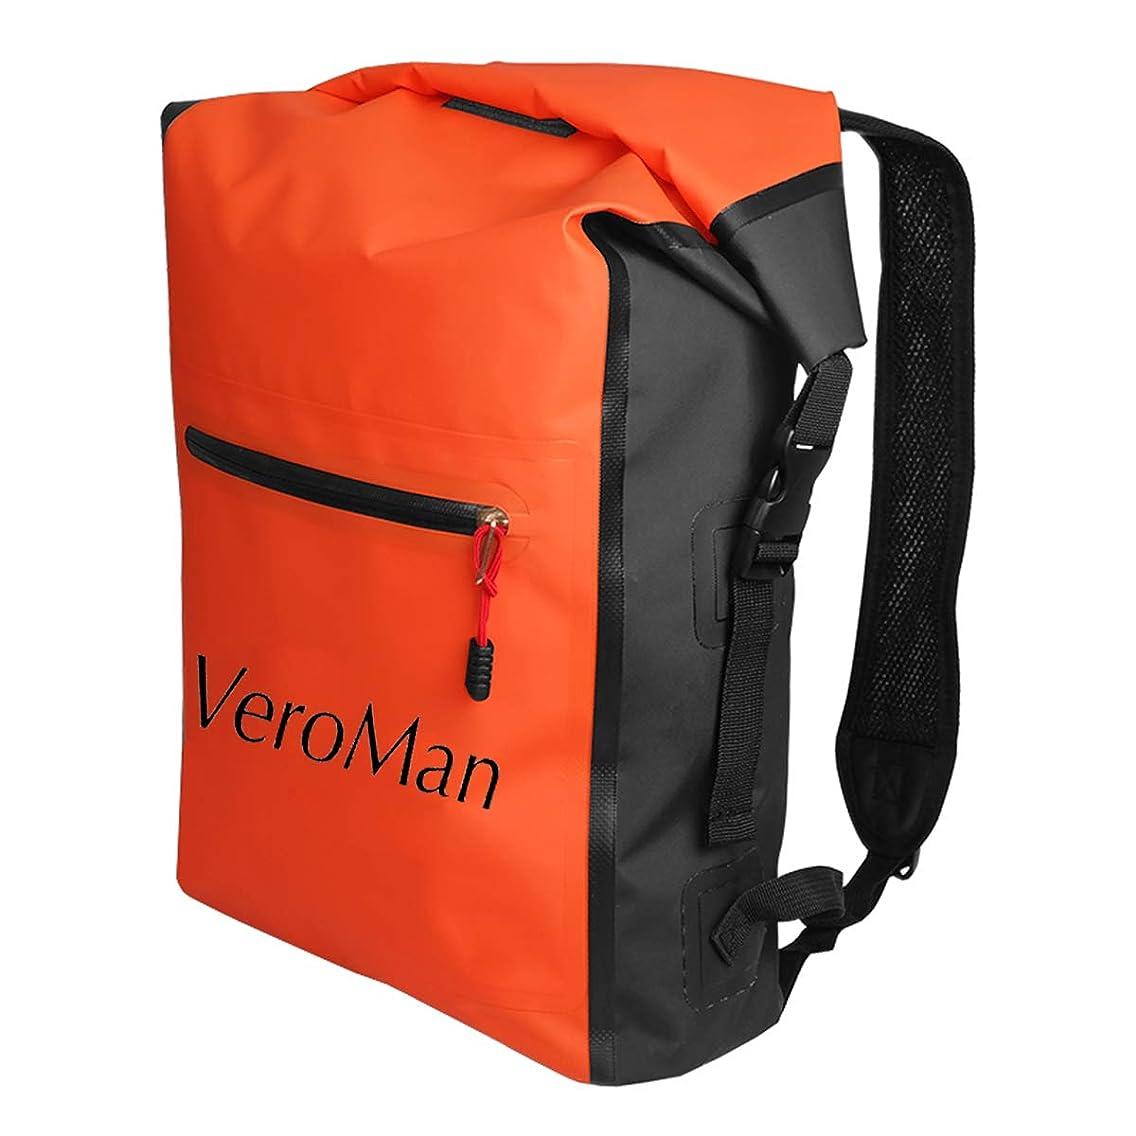 非互換比較的デモンストレーションVeroMan アウトドア ドライバッグ 防水バッグ 海水浴 登山 釣り ダイビング 自転車 多機能 大容量 25L